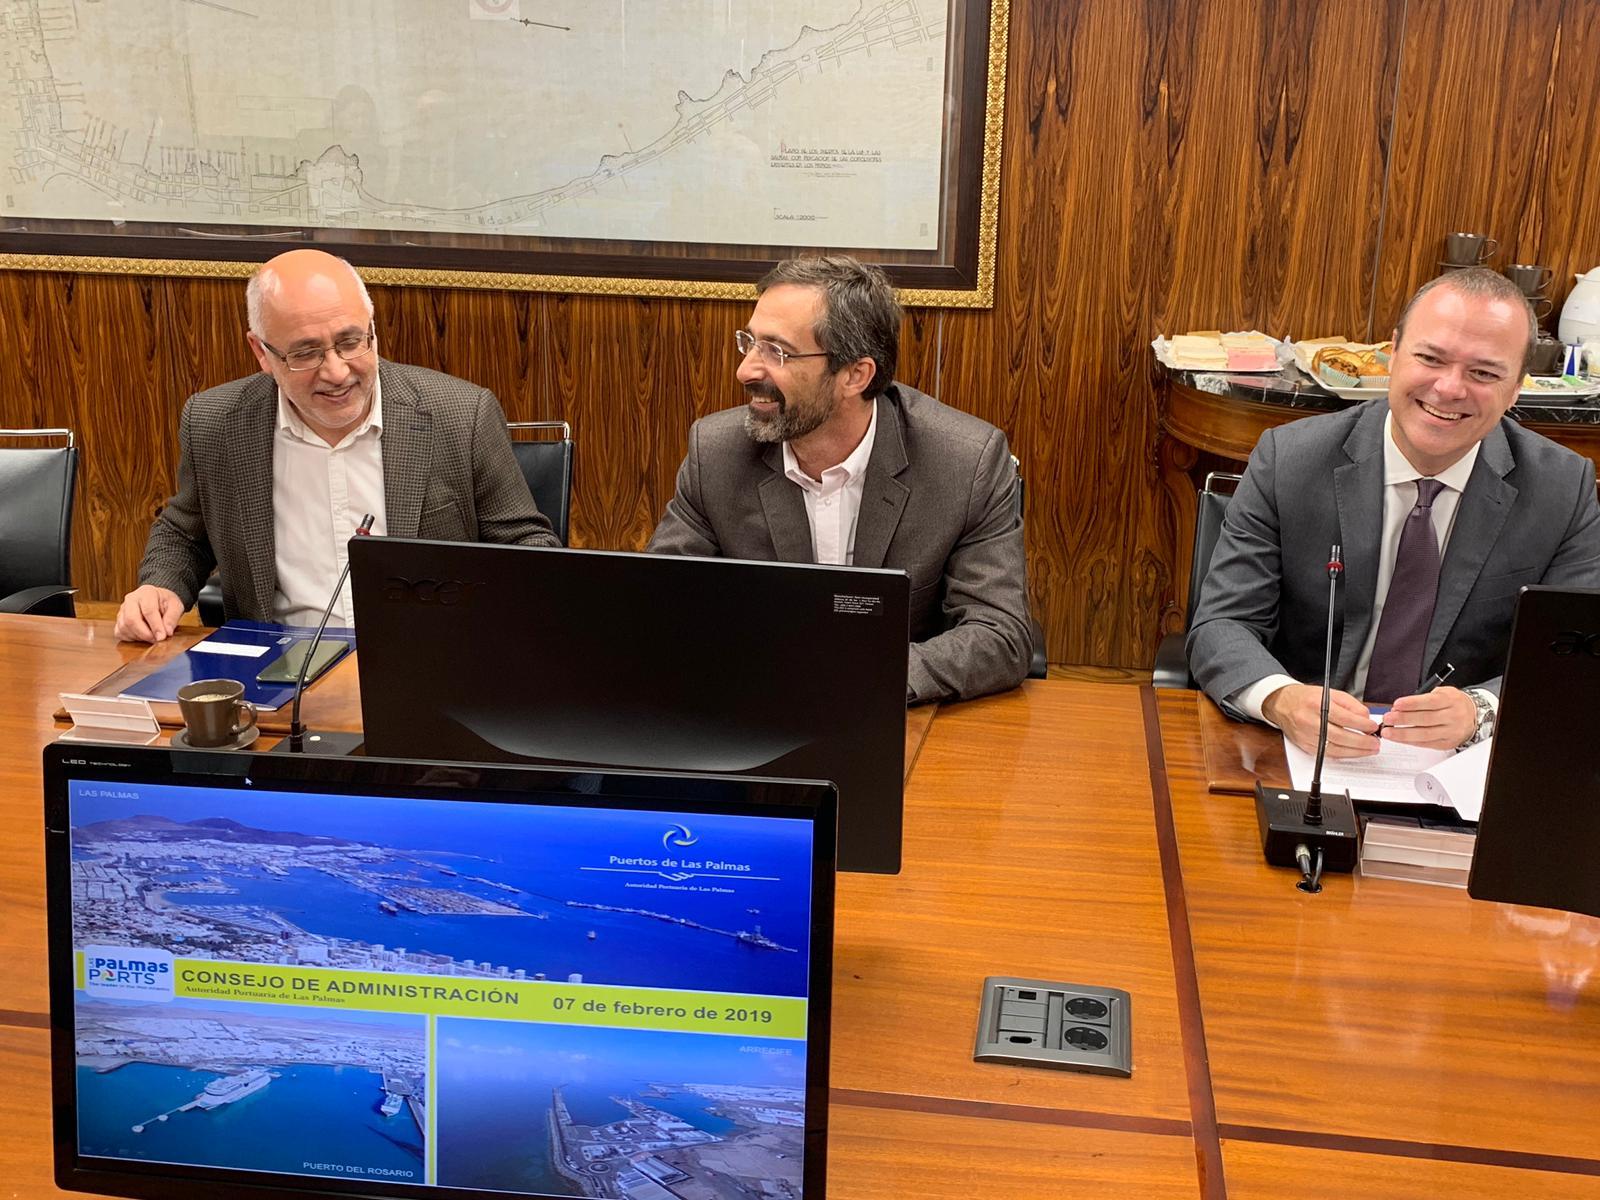 La Autoridad Portuaria de Las Palmas apruebael convenio para la construcción de un parque urbano en Puerto Naos